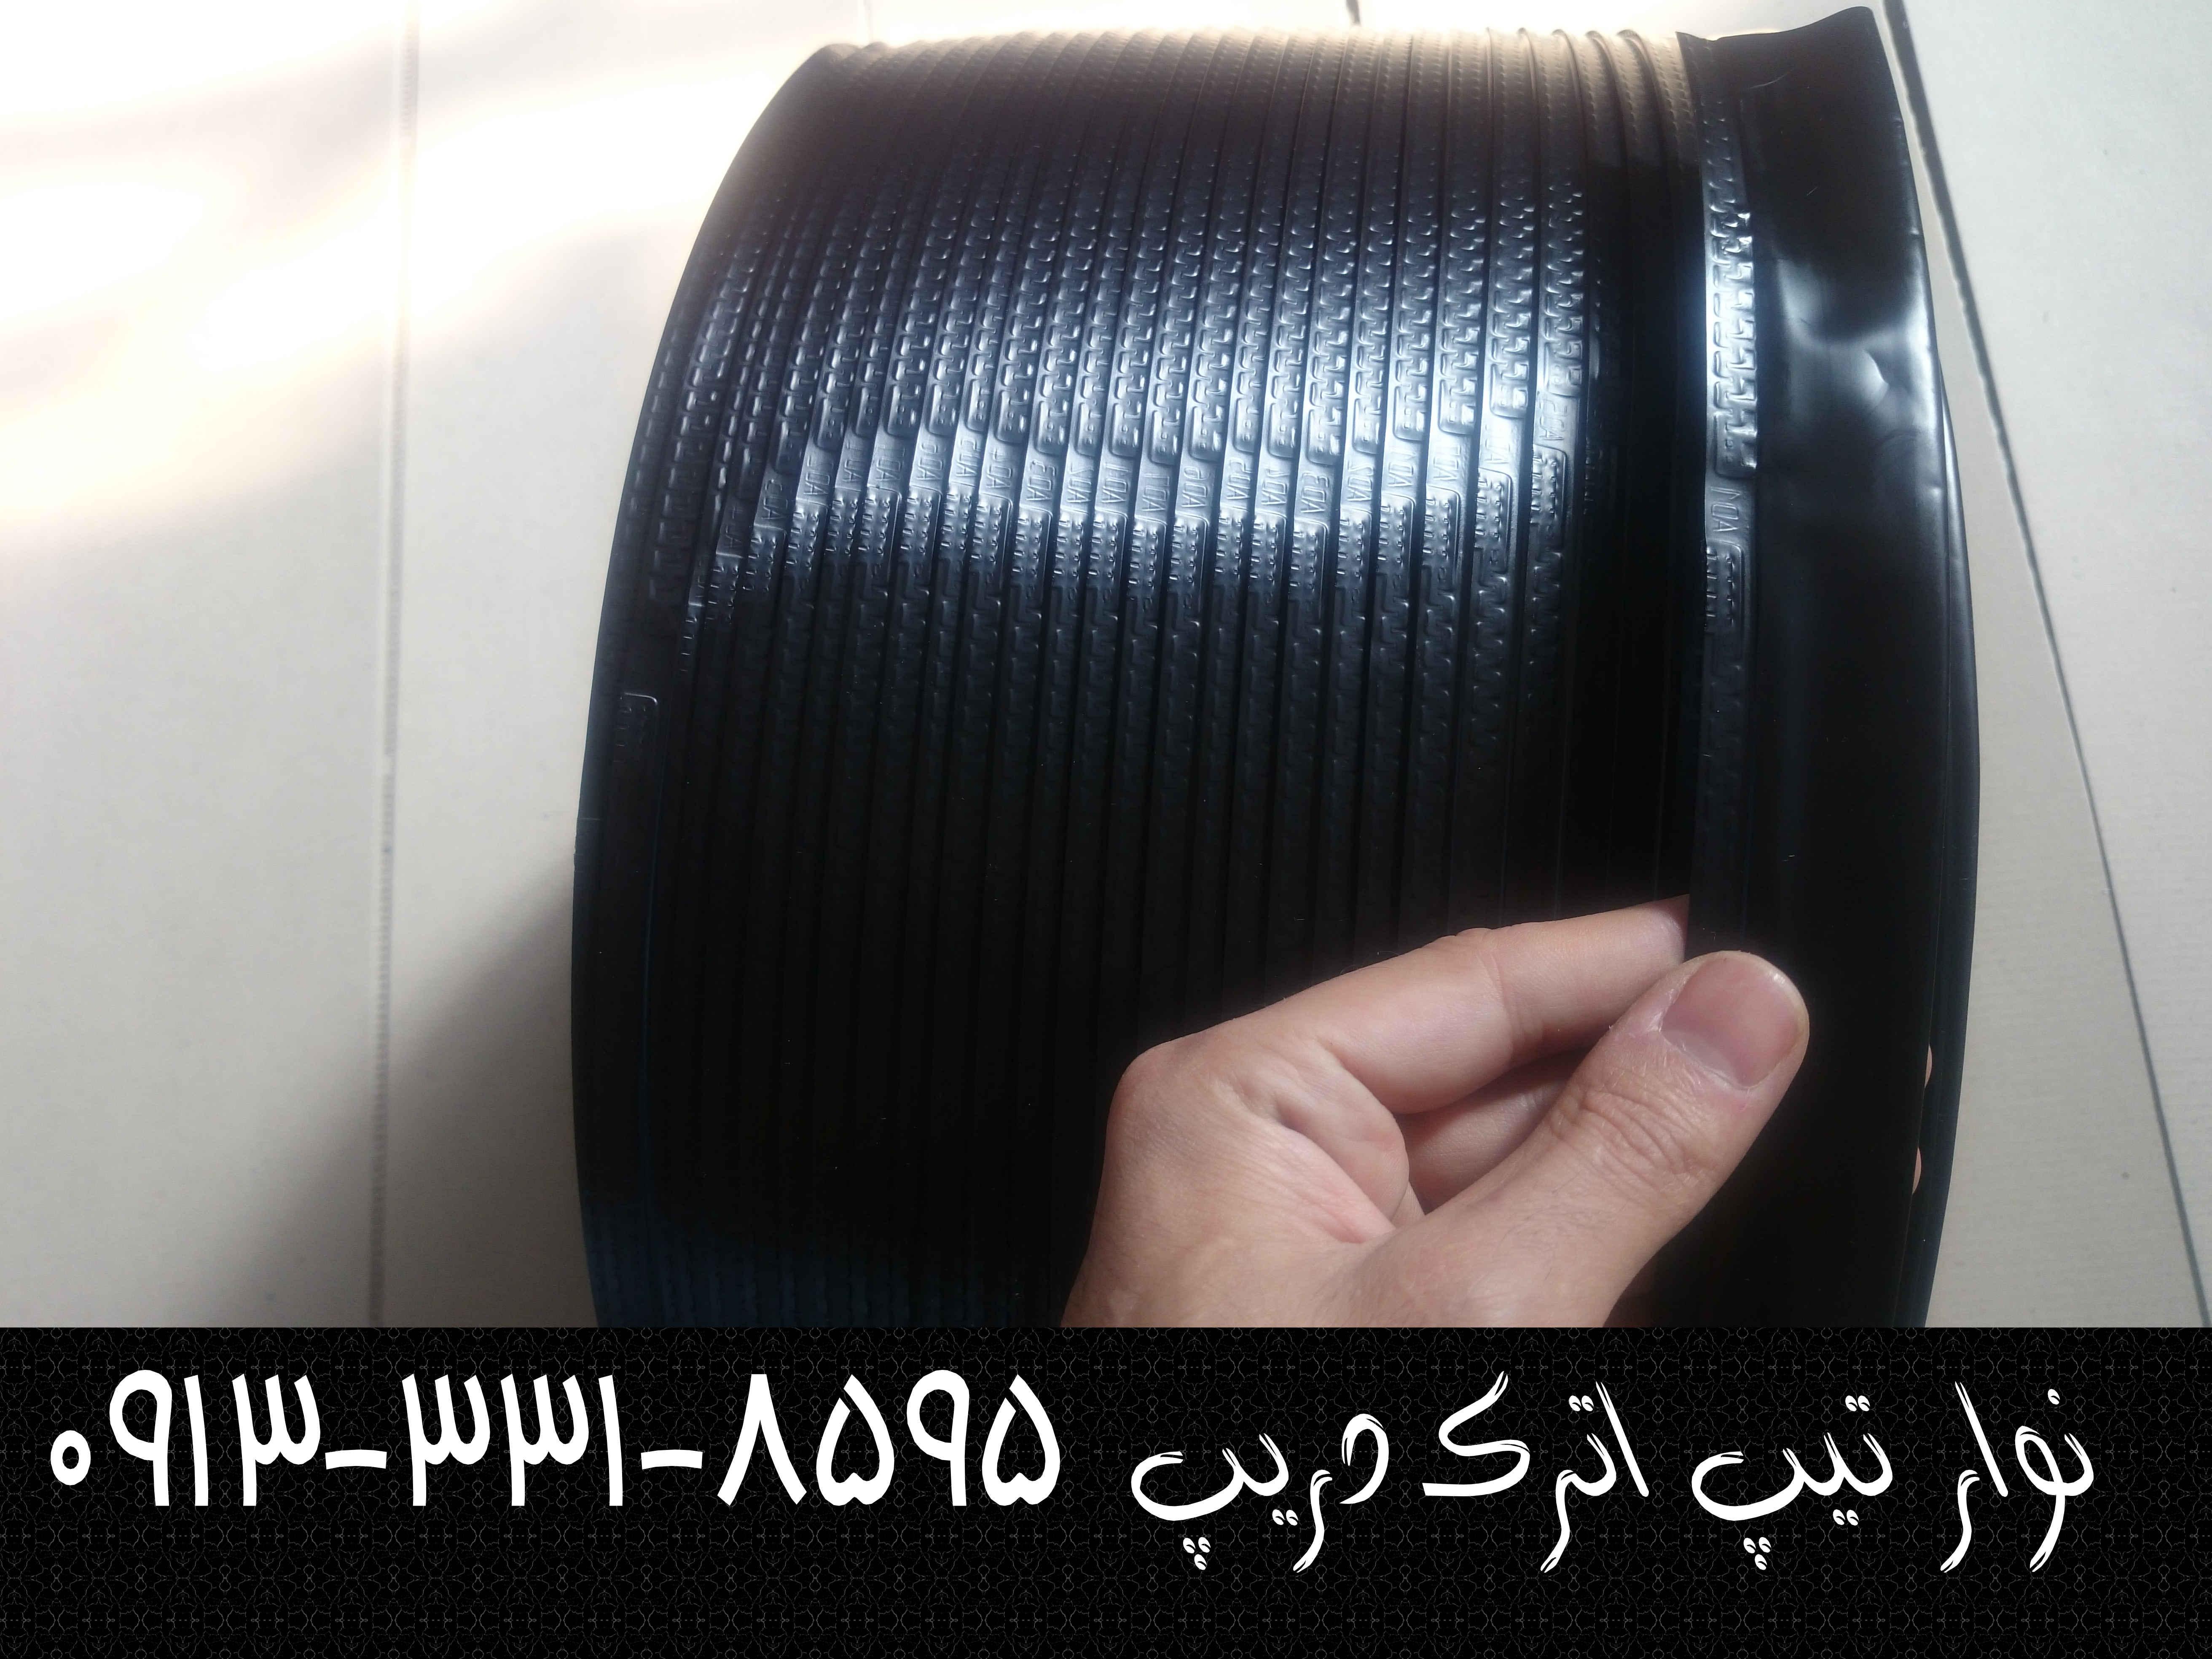 نوار تیپ کرمانشاه